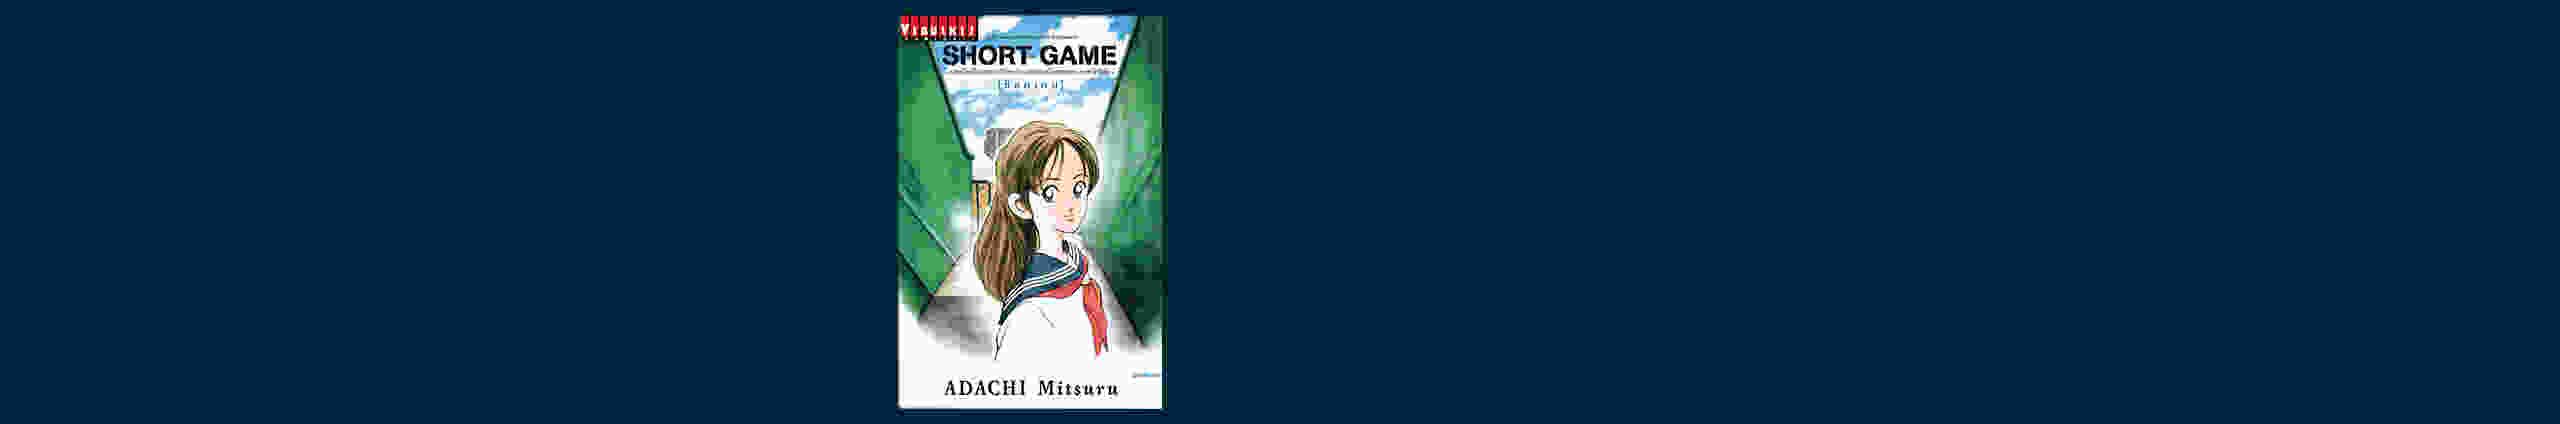 SHORT GAME ช็อตเกม ~รวมเรื่องสั้นเบสบอลมัธยมปลายแบบจบในตอนของ อาดาจิ มิซึรุ~